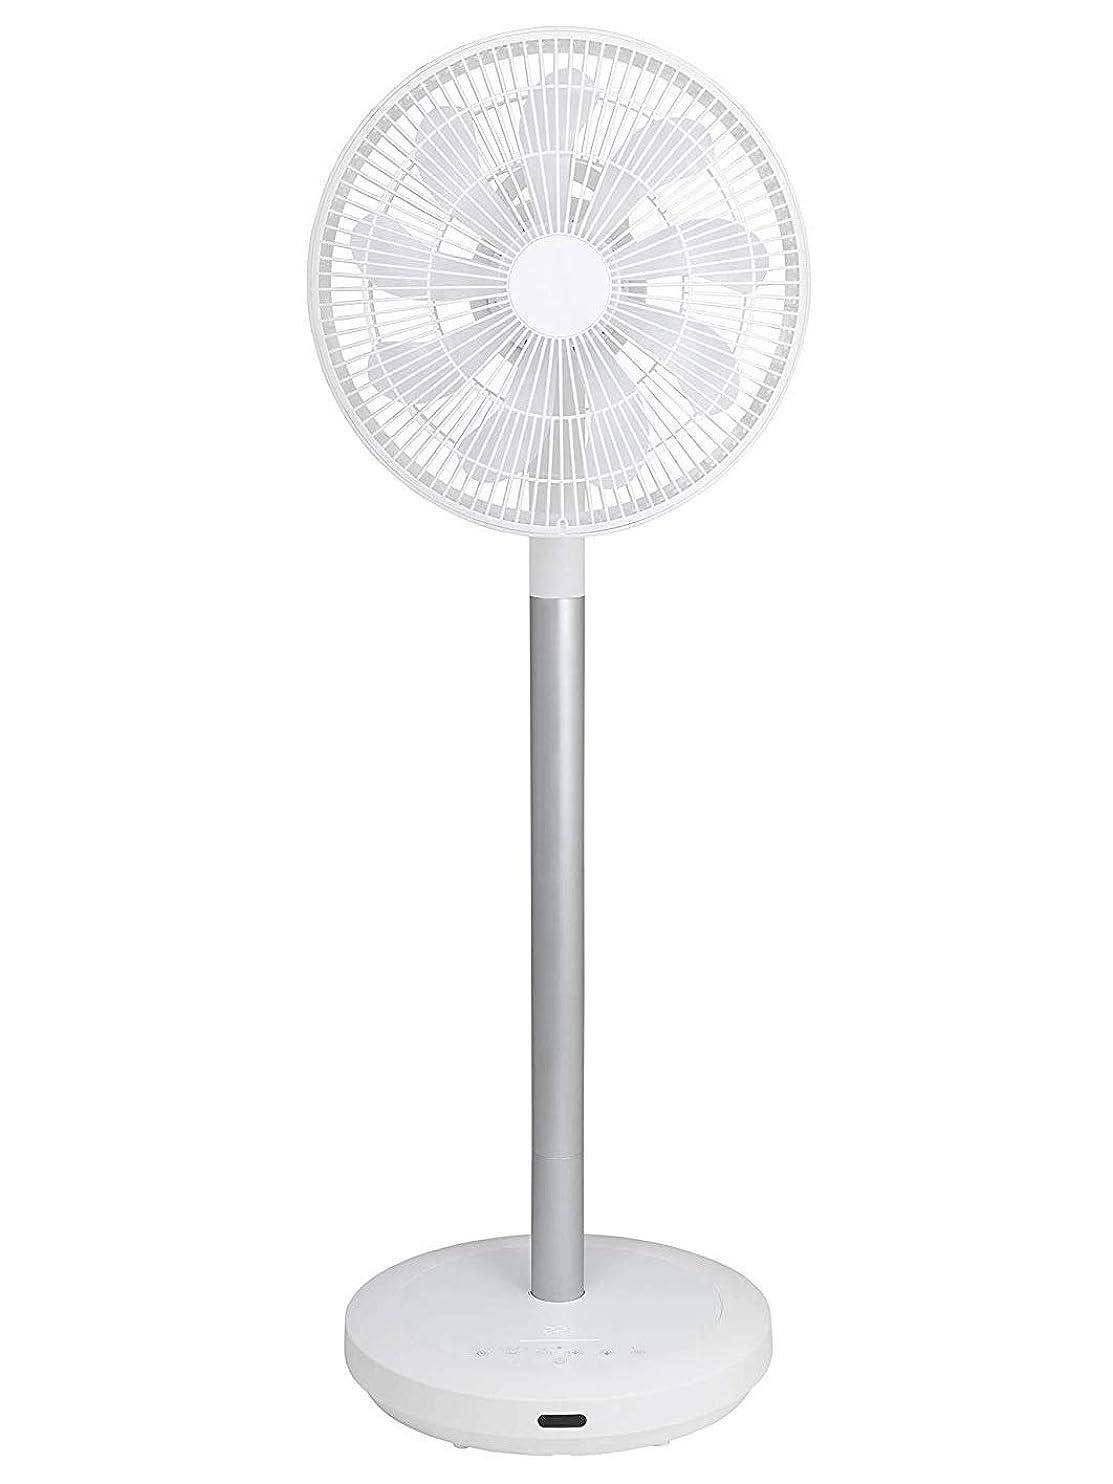 ストレス共産主義布【Amazon.co.jp限定】山善 扇風機 アレクサ(ALEXA)対応 30cm リビング扇 静電式タッチスイッチ 風量8段階調節 室温センサー DCモーター搭載 リモコン付き ホワイト AHX-ALD30(W)